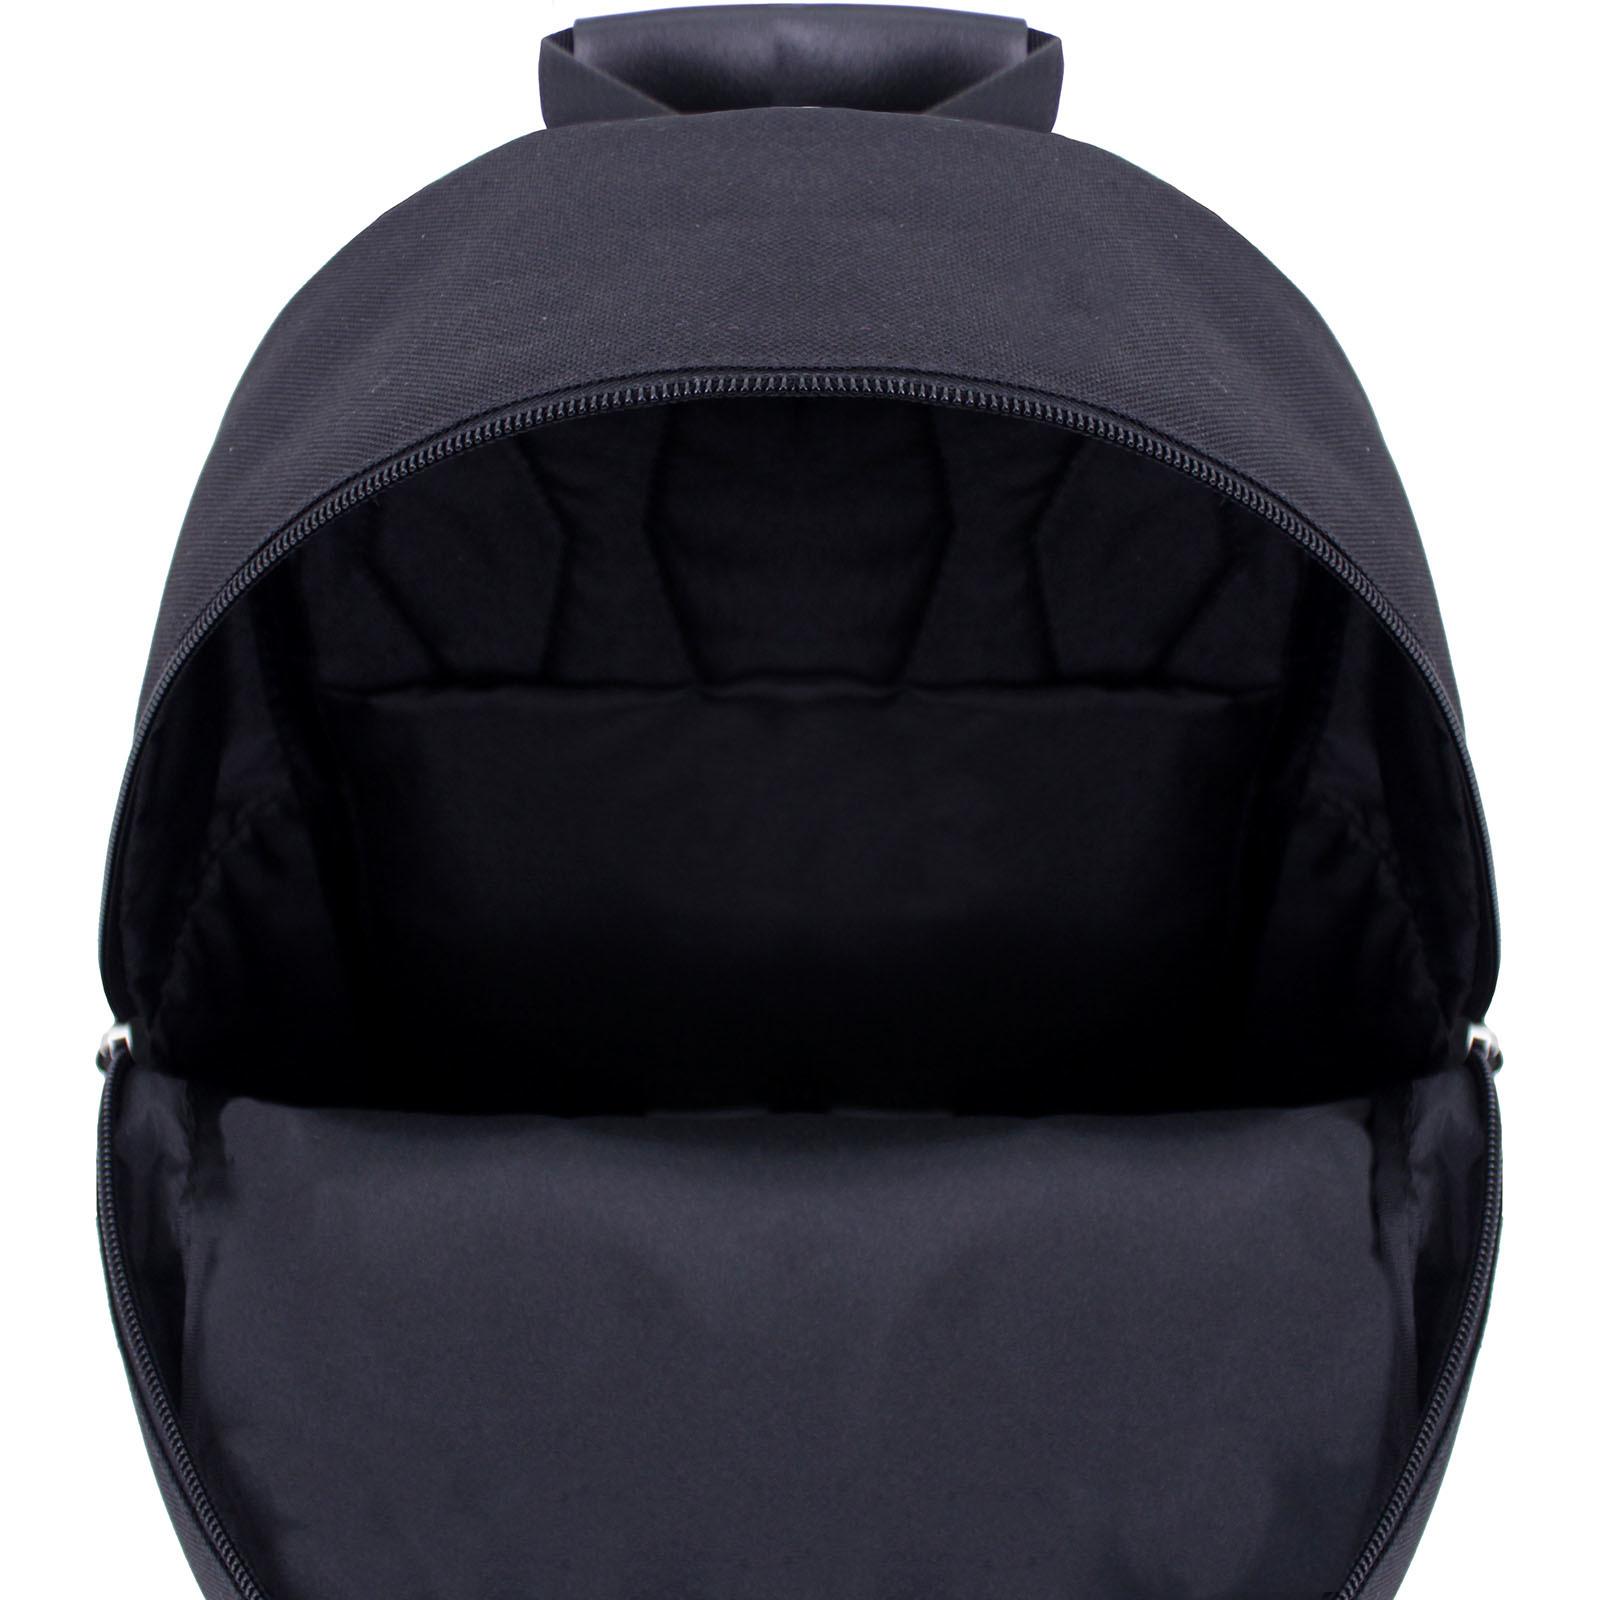 Рюкзак Bagland Frost 13 л. черный сублимация 492 (00540663) фото 4